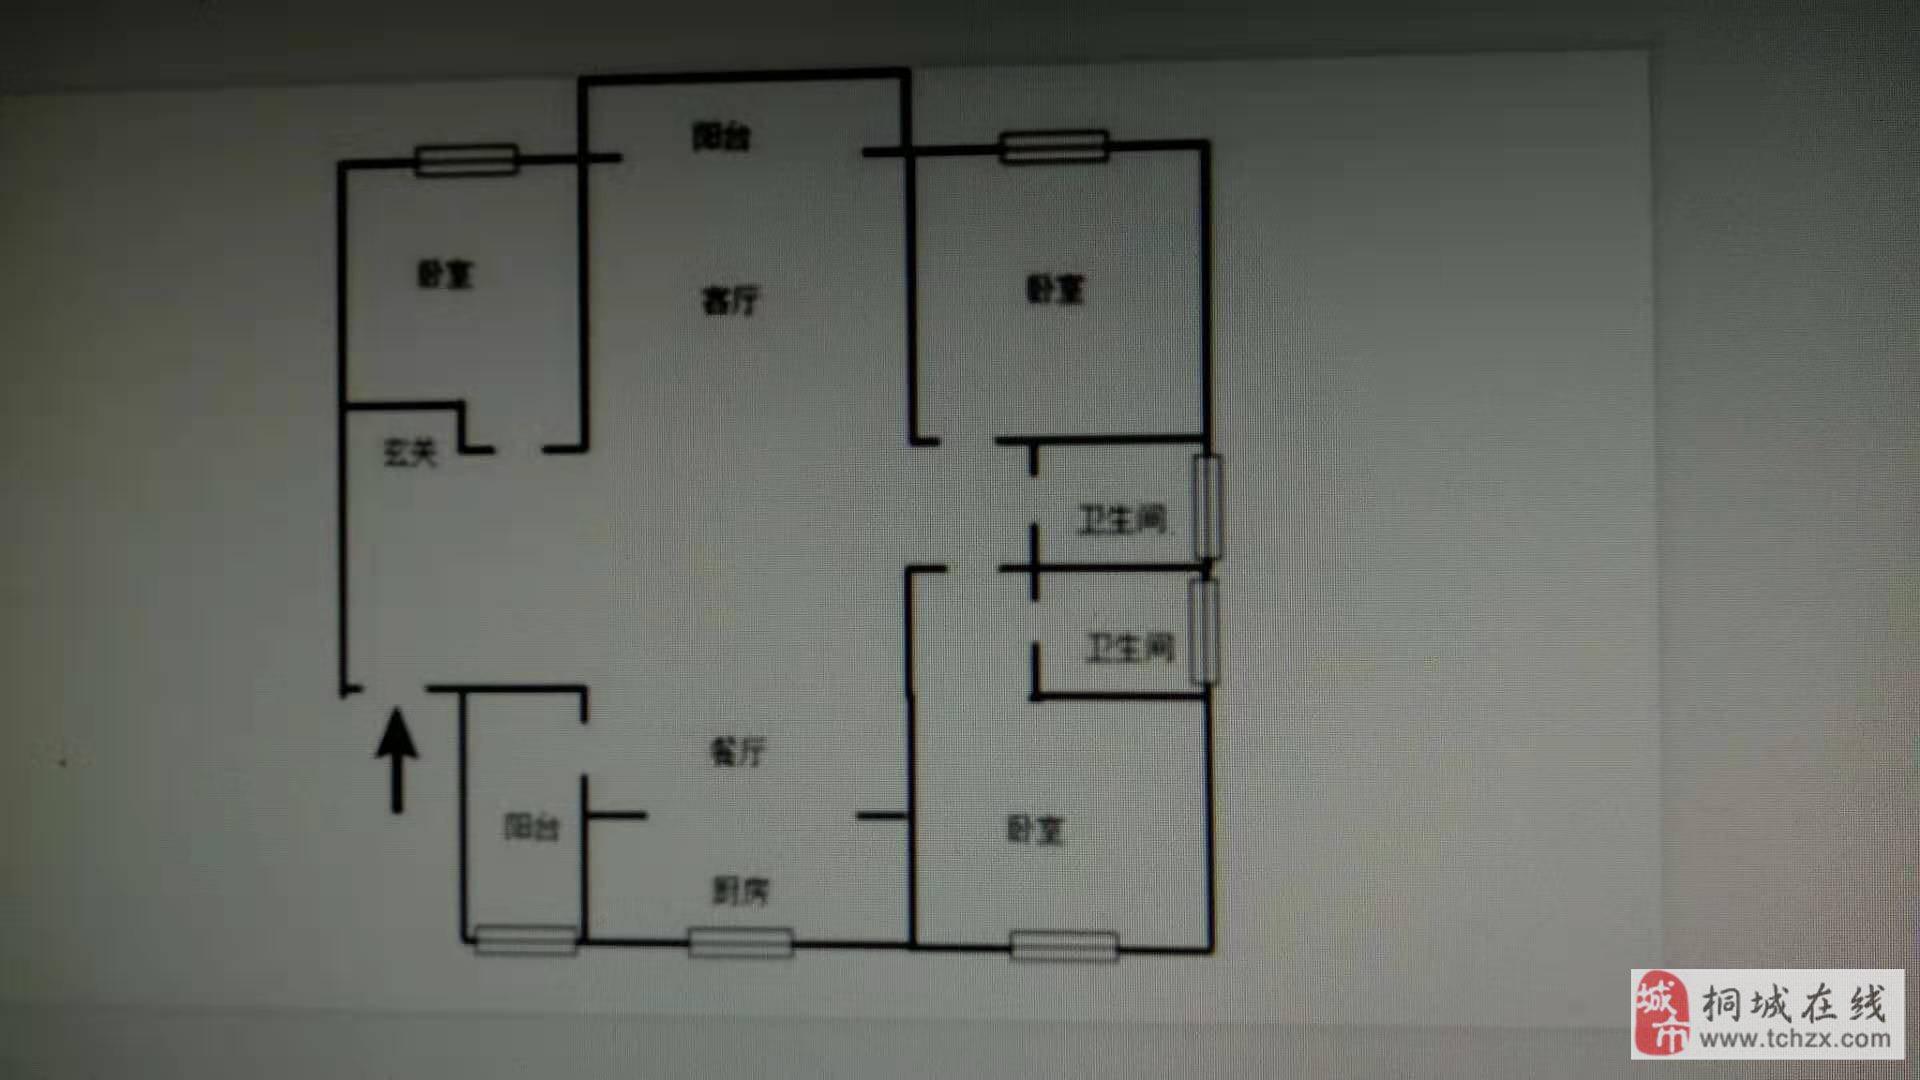 碧桂园婚房装修未住,中间楼层130平米